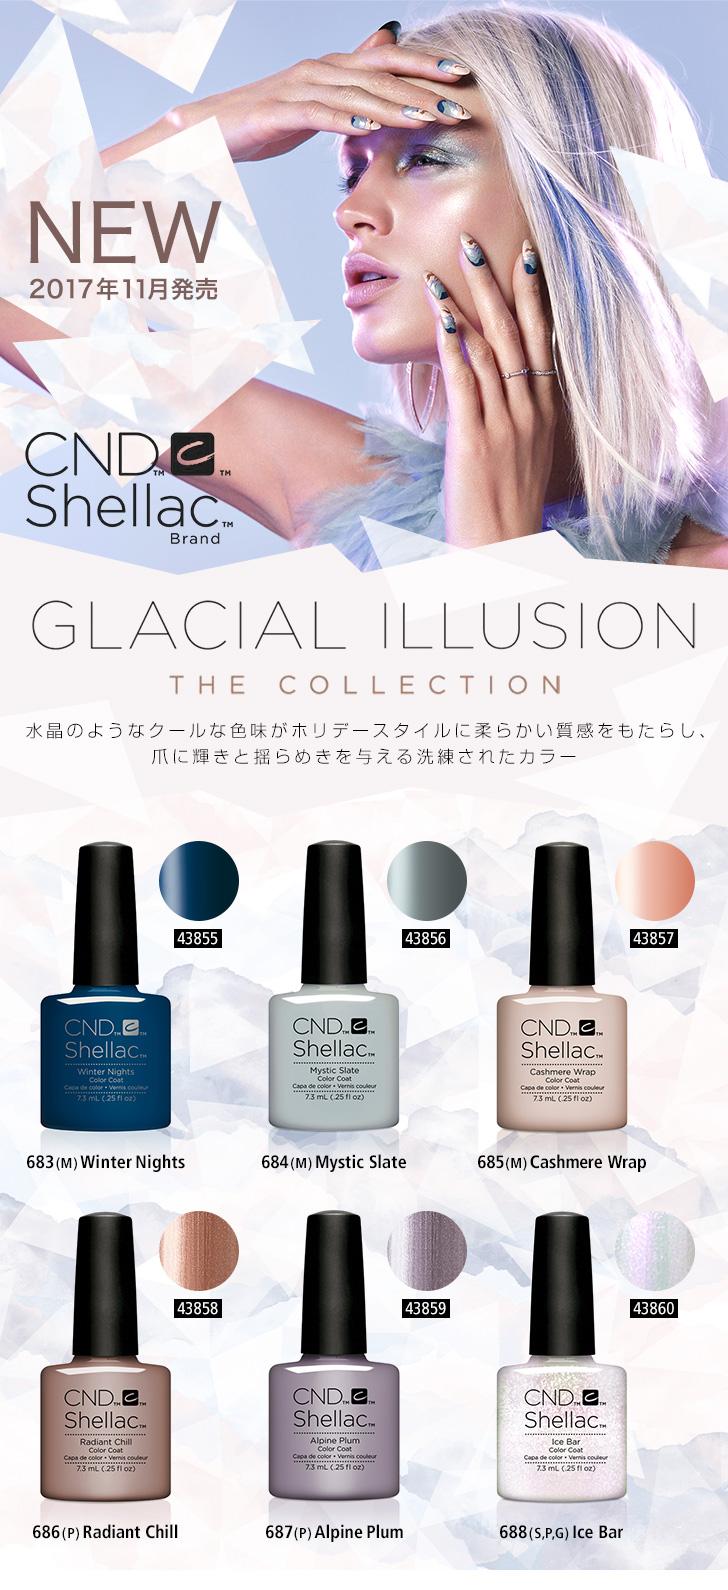 CND シェラック「グラシアルイリュージョン コレクション」